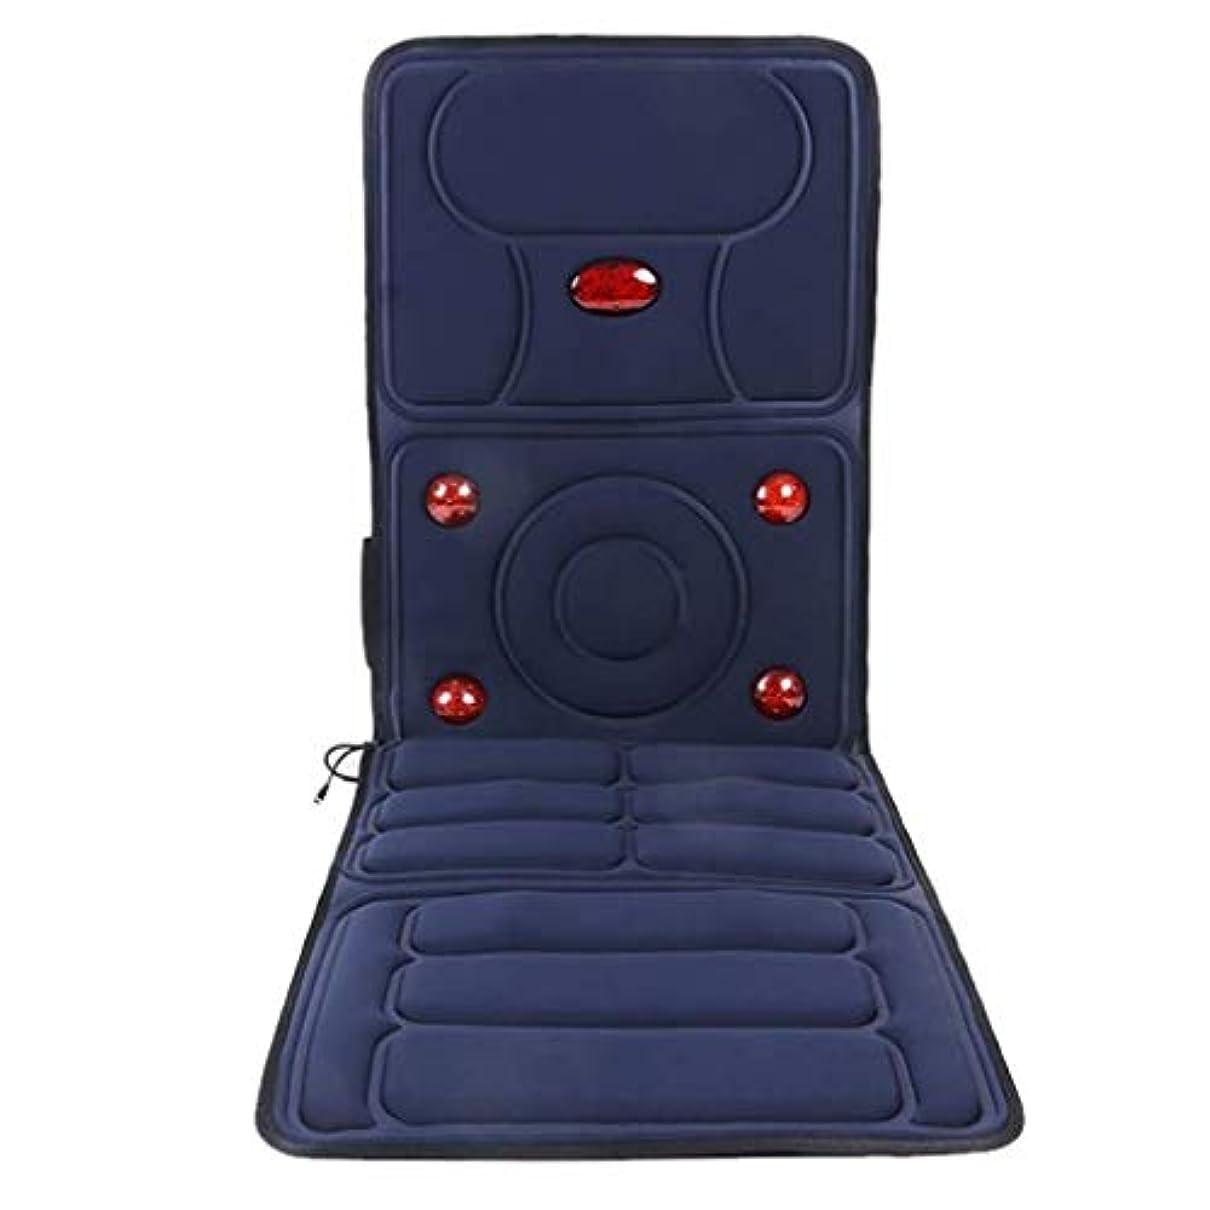 かどうか酸化物血まみれのマッサージクッション、電動マッサージクッション、遠赤外線/加熱セラピー、バックの首の圧力を軽減、ベッド、ホーム/オフィス/車の使用